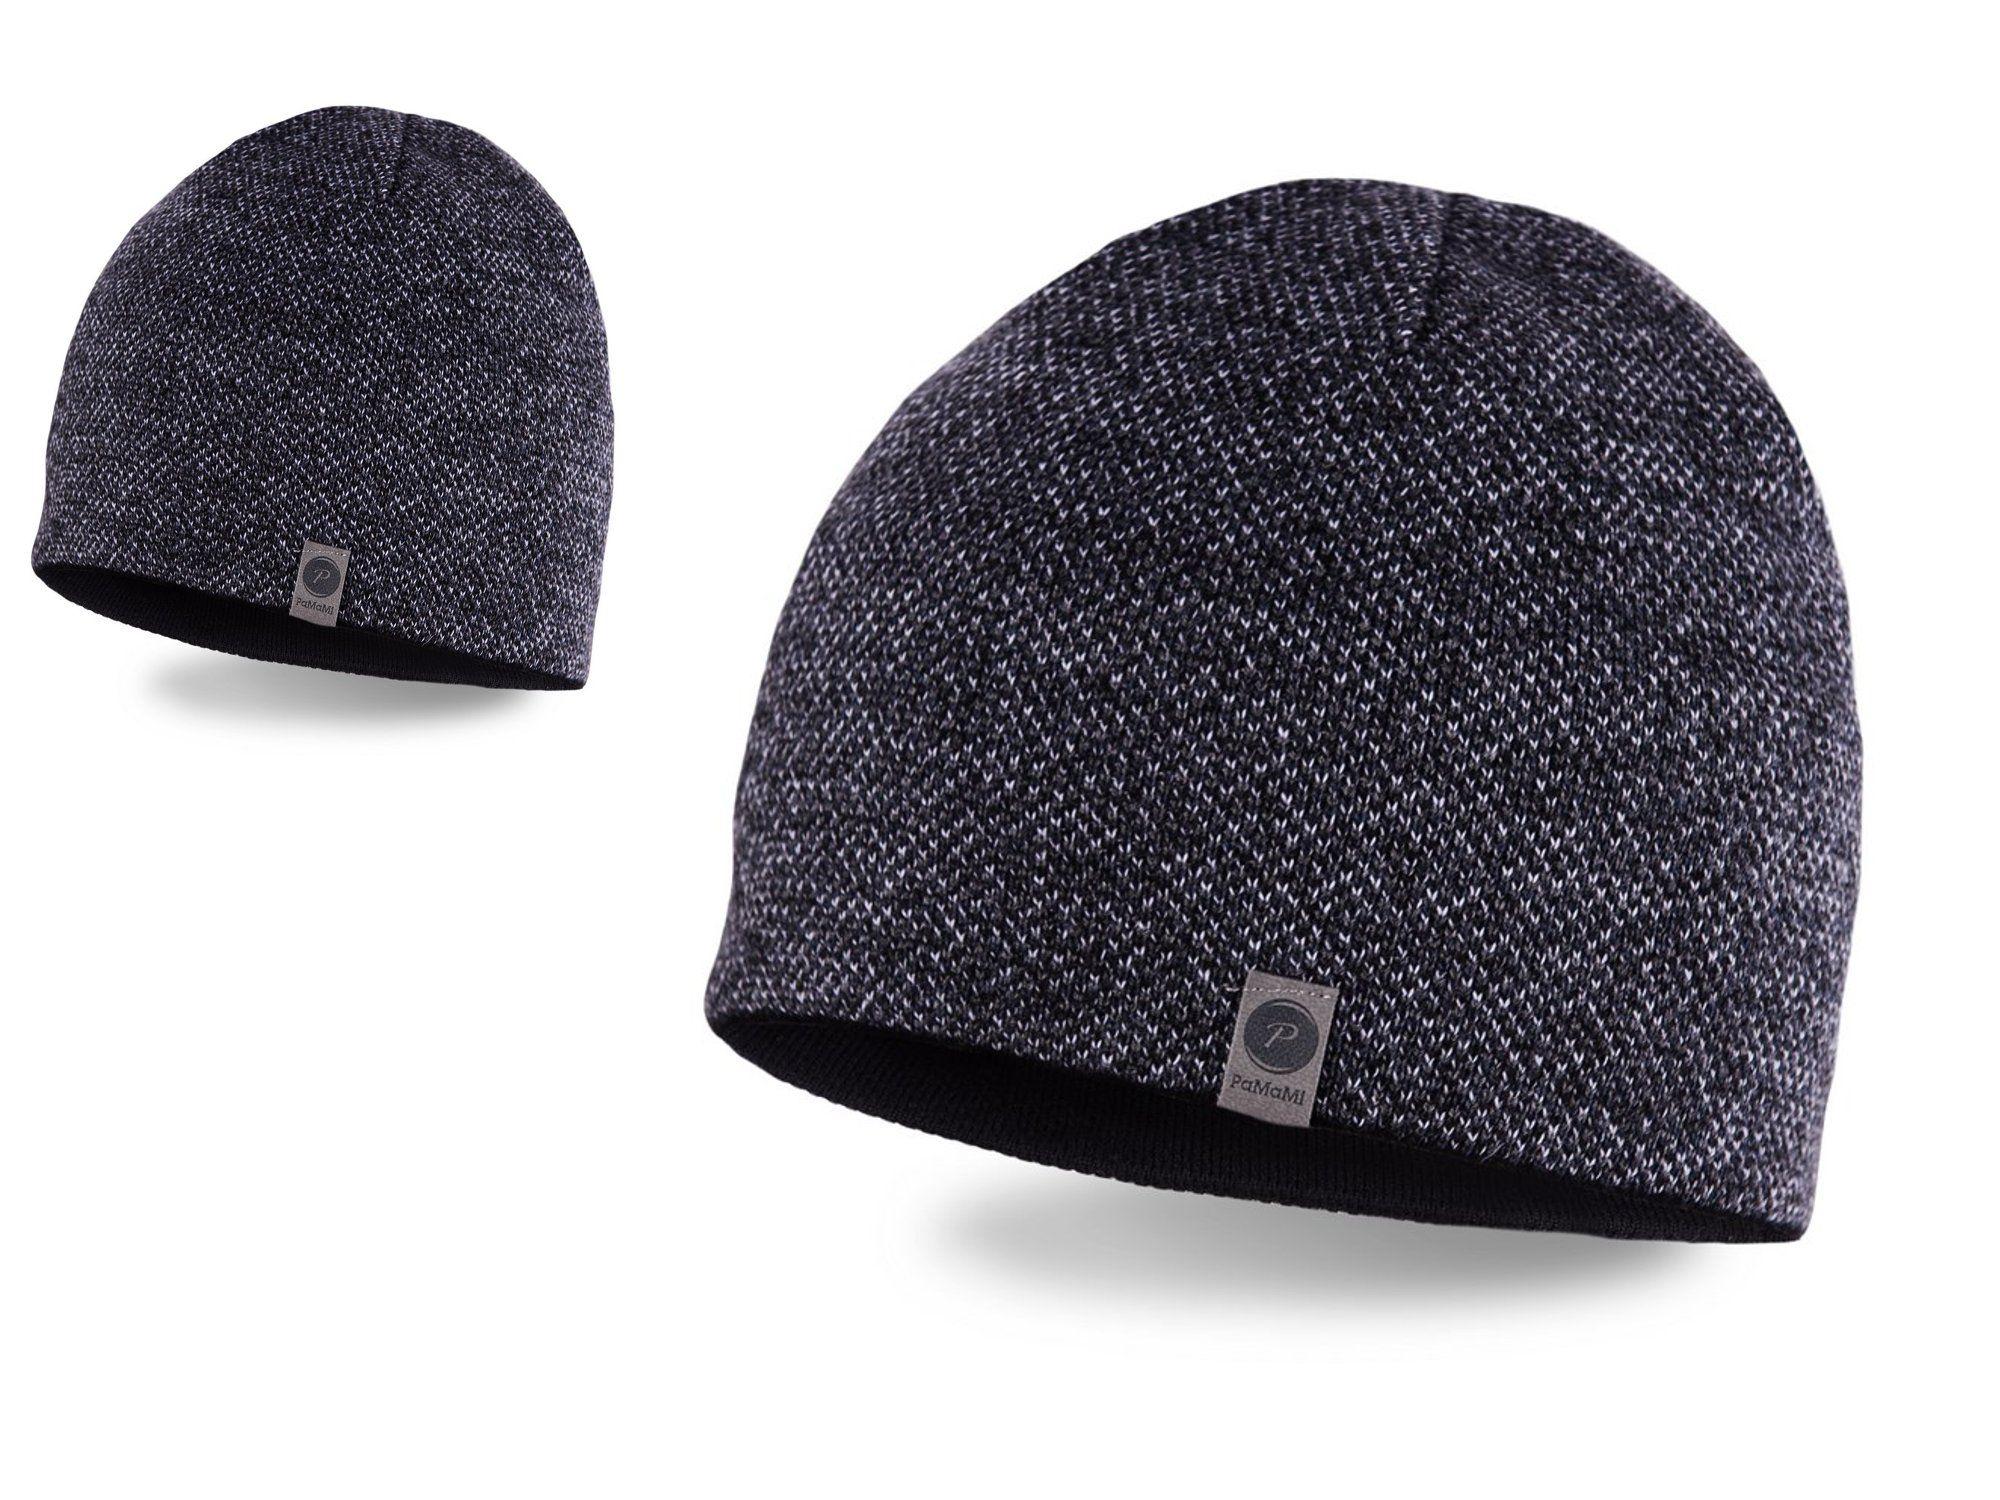 Meska Czapka Zimowa Ciepla Melanzowa Jakosc 005 2 6994950883 Oficjalne Archiwum Allegro Beanie Fashion Hats